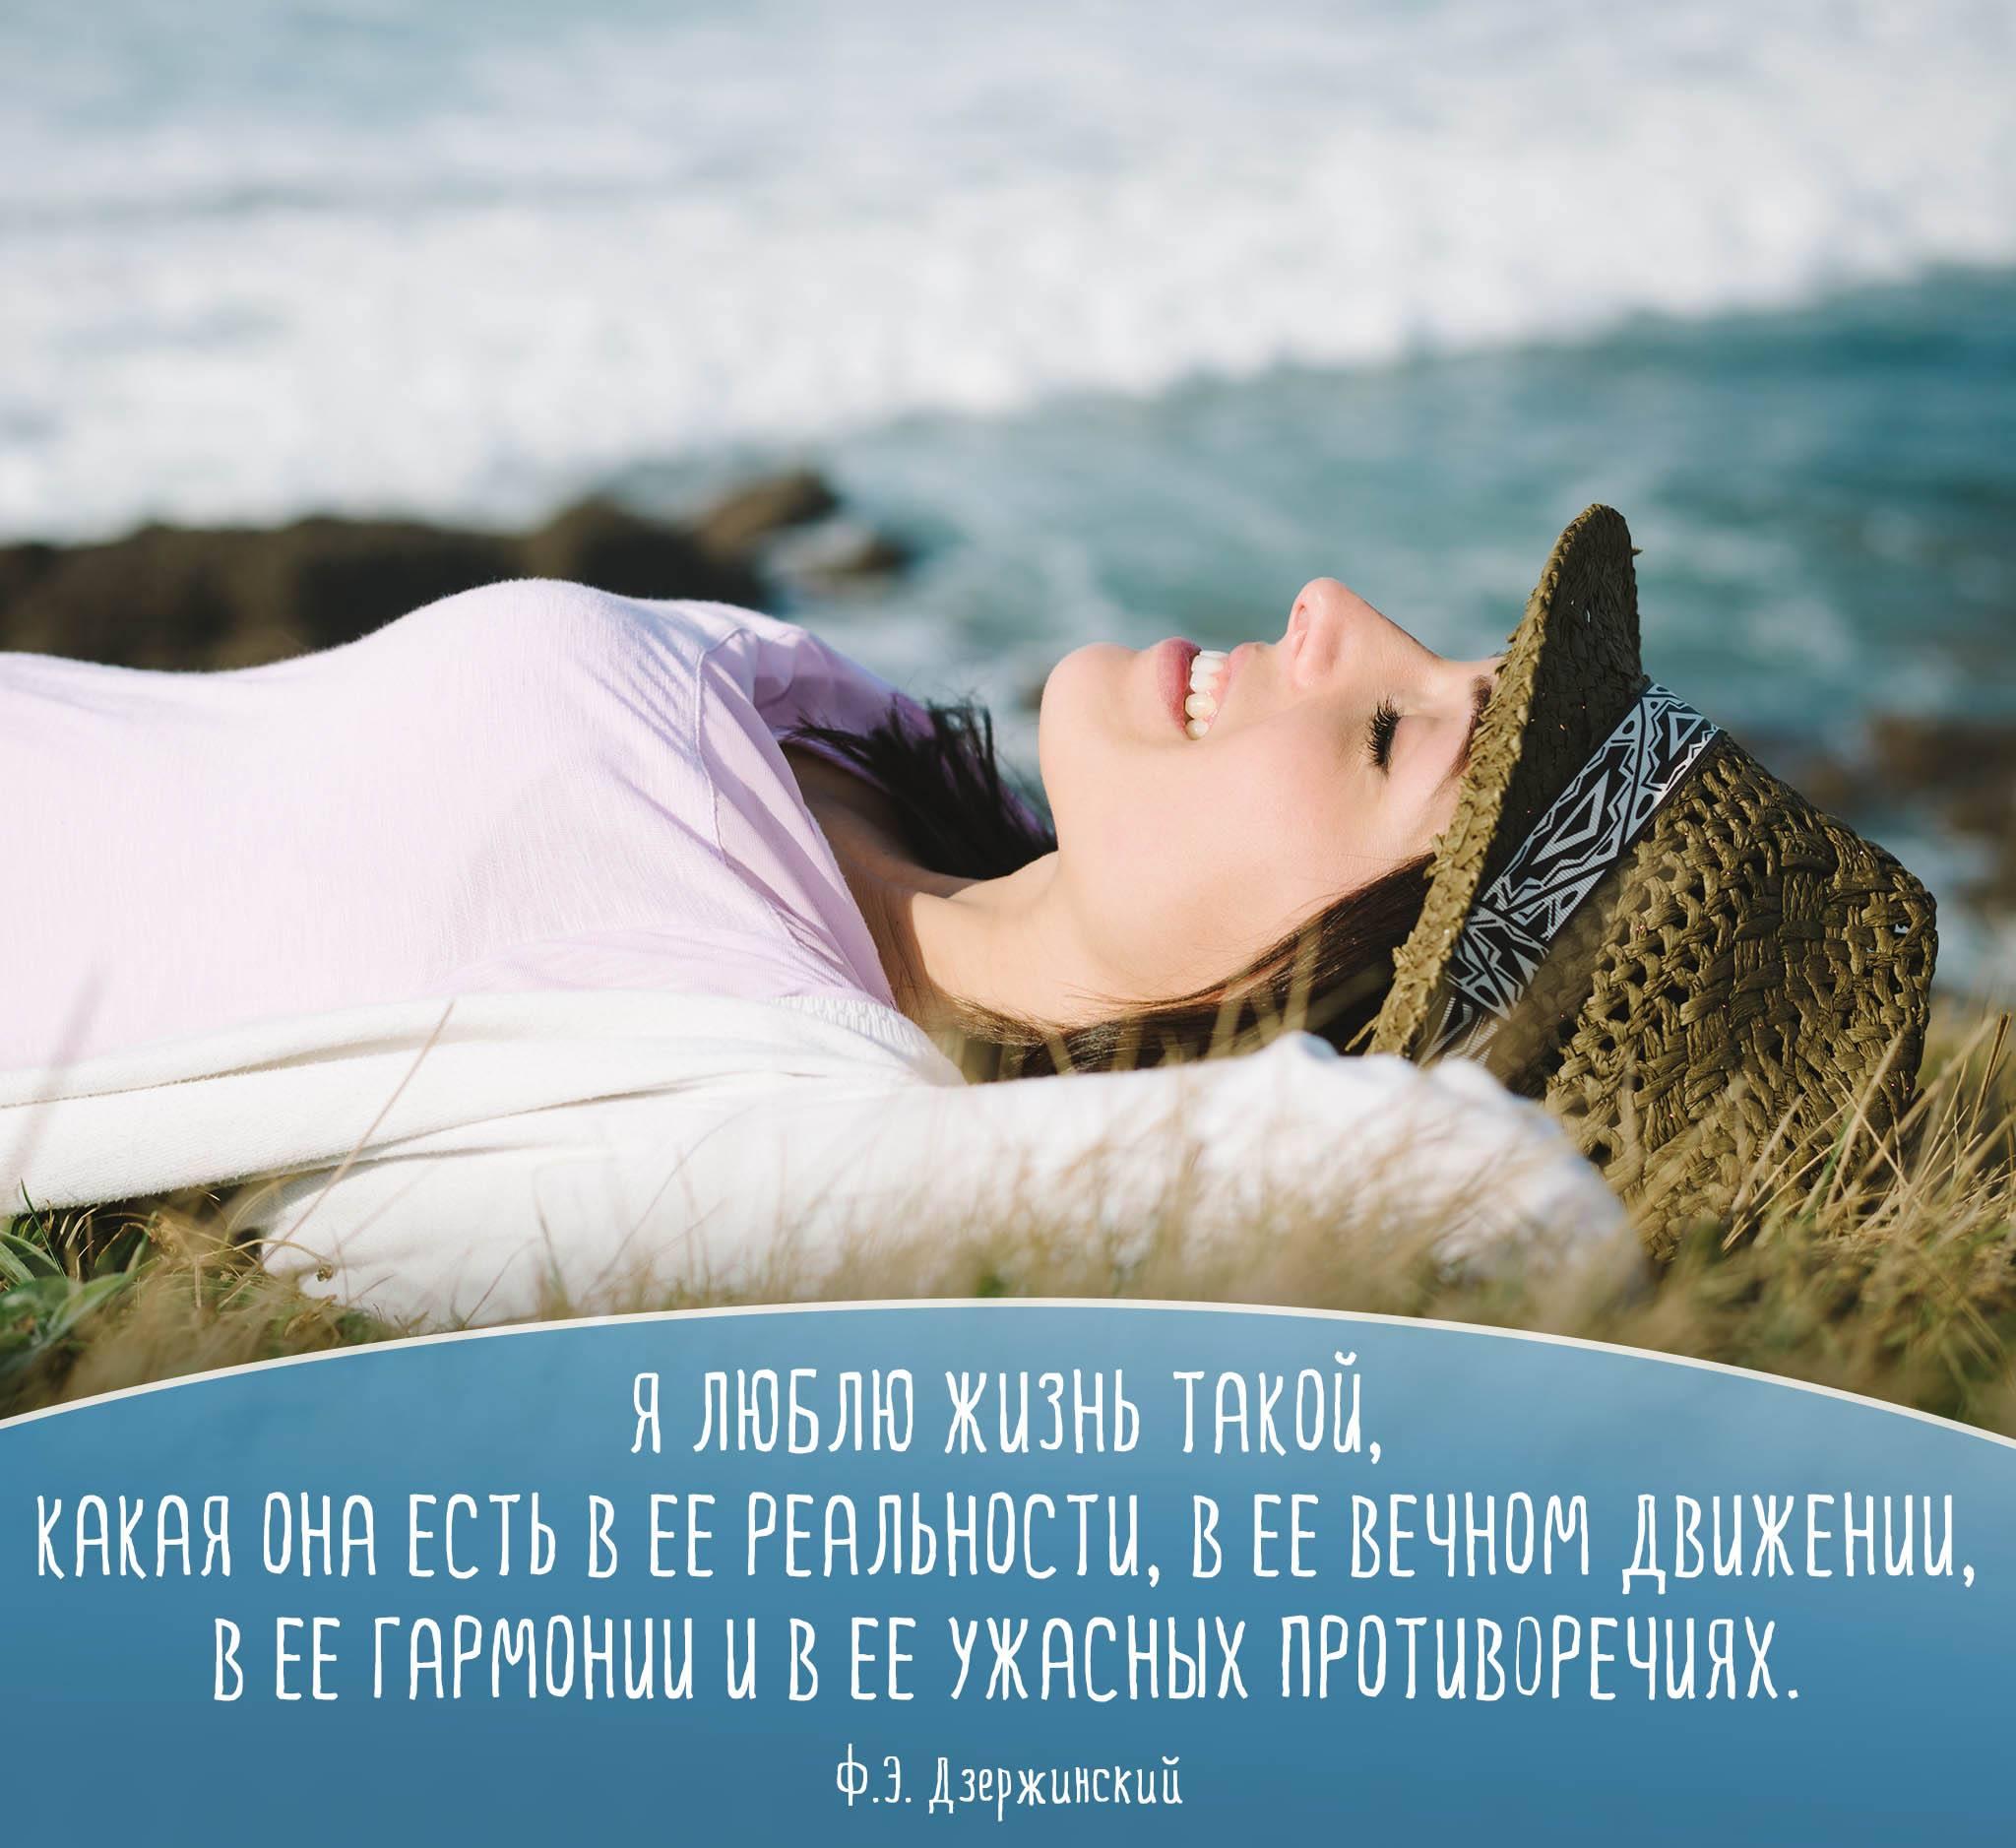 Жизнь очень прекрасна...